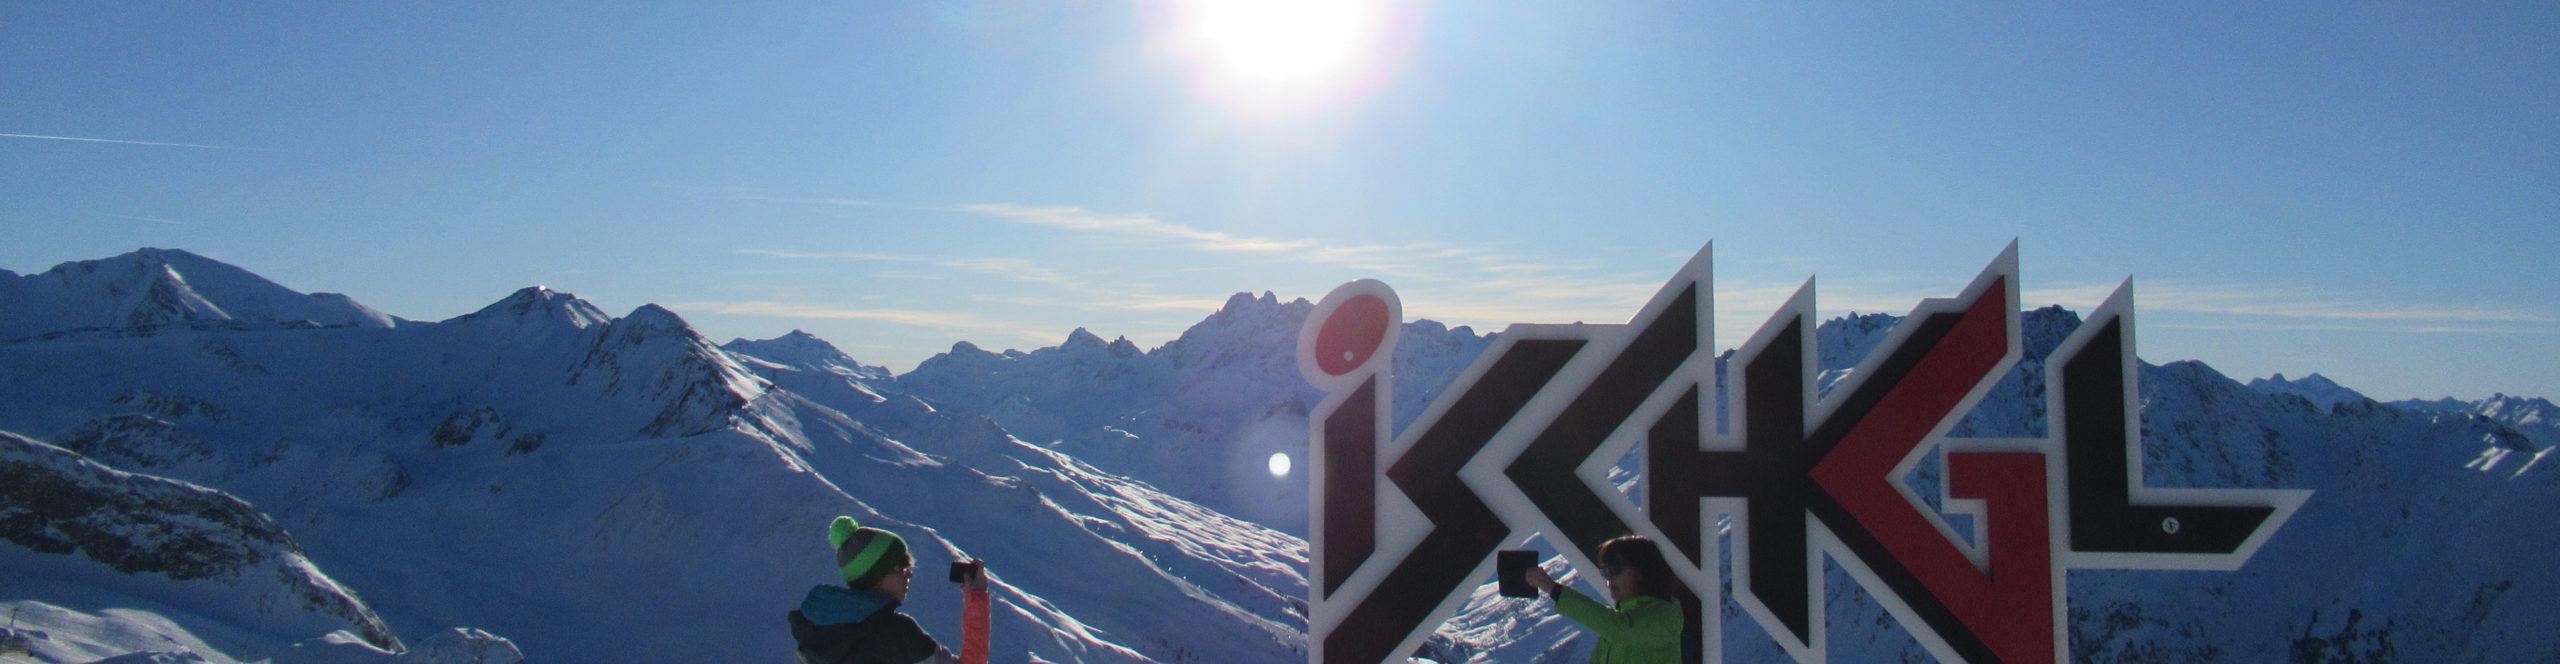 ISCHGL Opening – Skiwochenende – 4 Sterne WellnessHotel mit Schwimmbad – ab Freitag Nachmittag